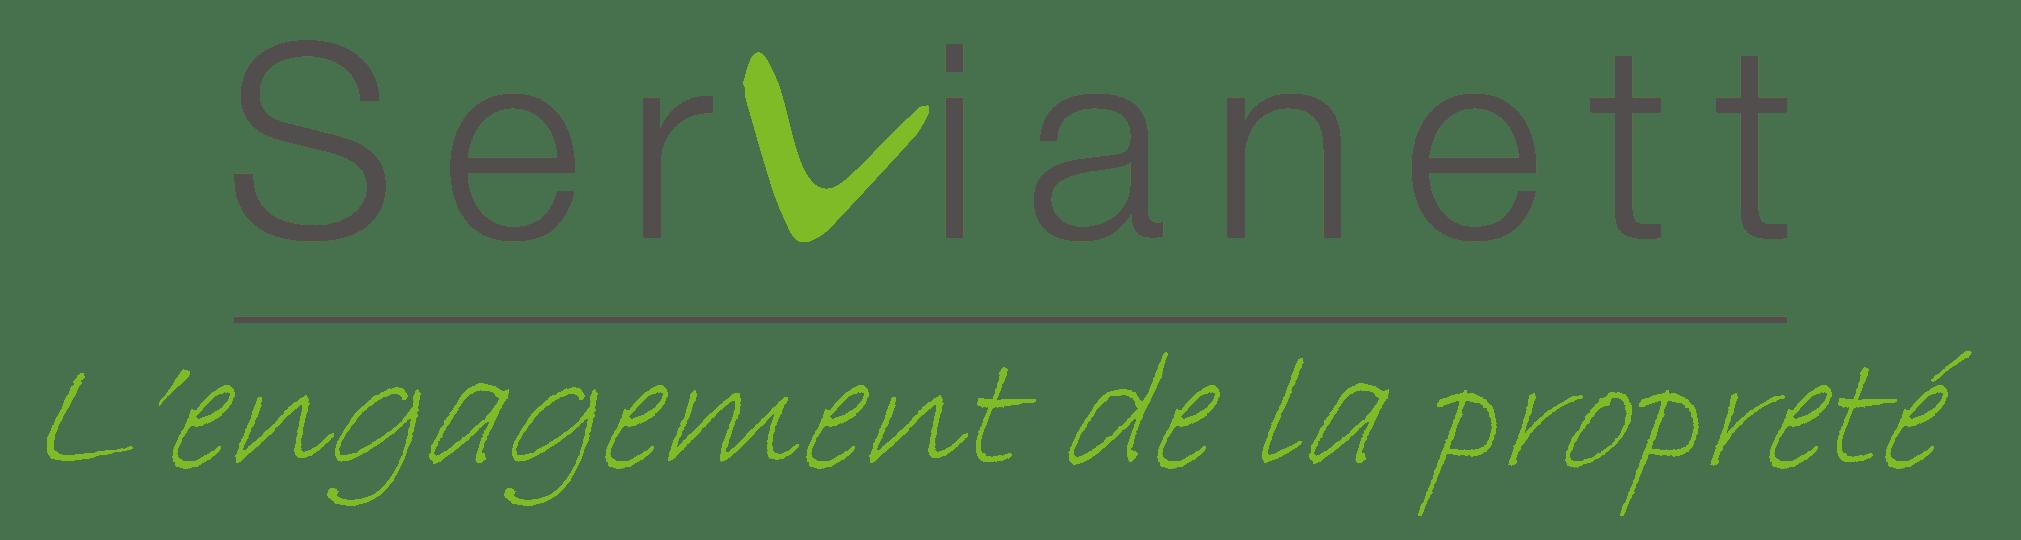 Servianett - L'engagement de la propreté